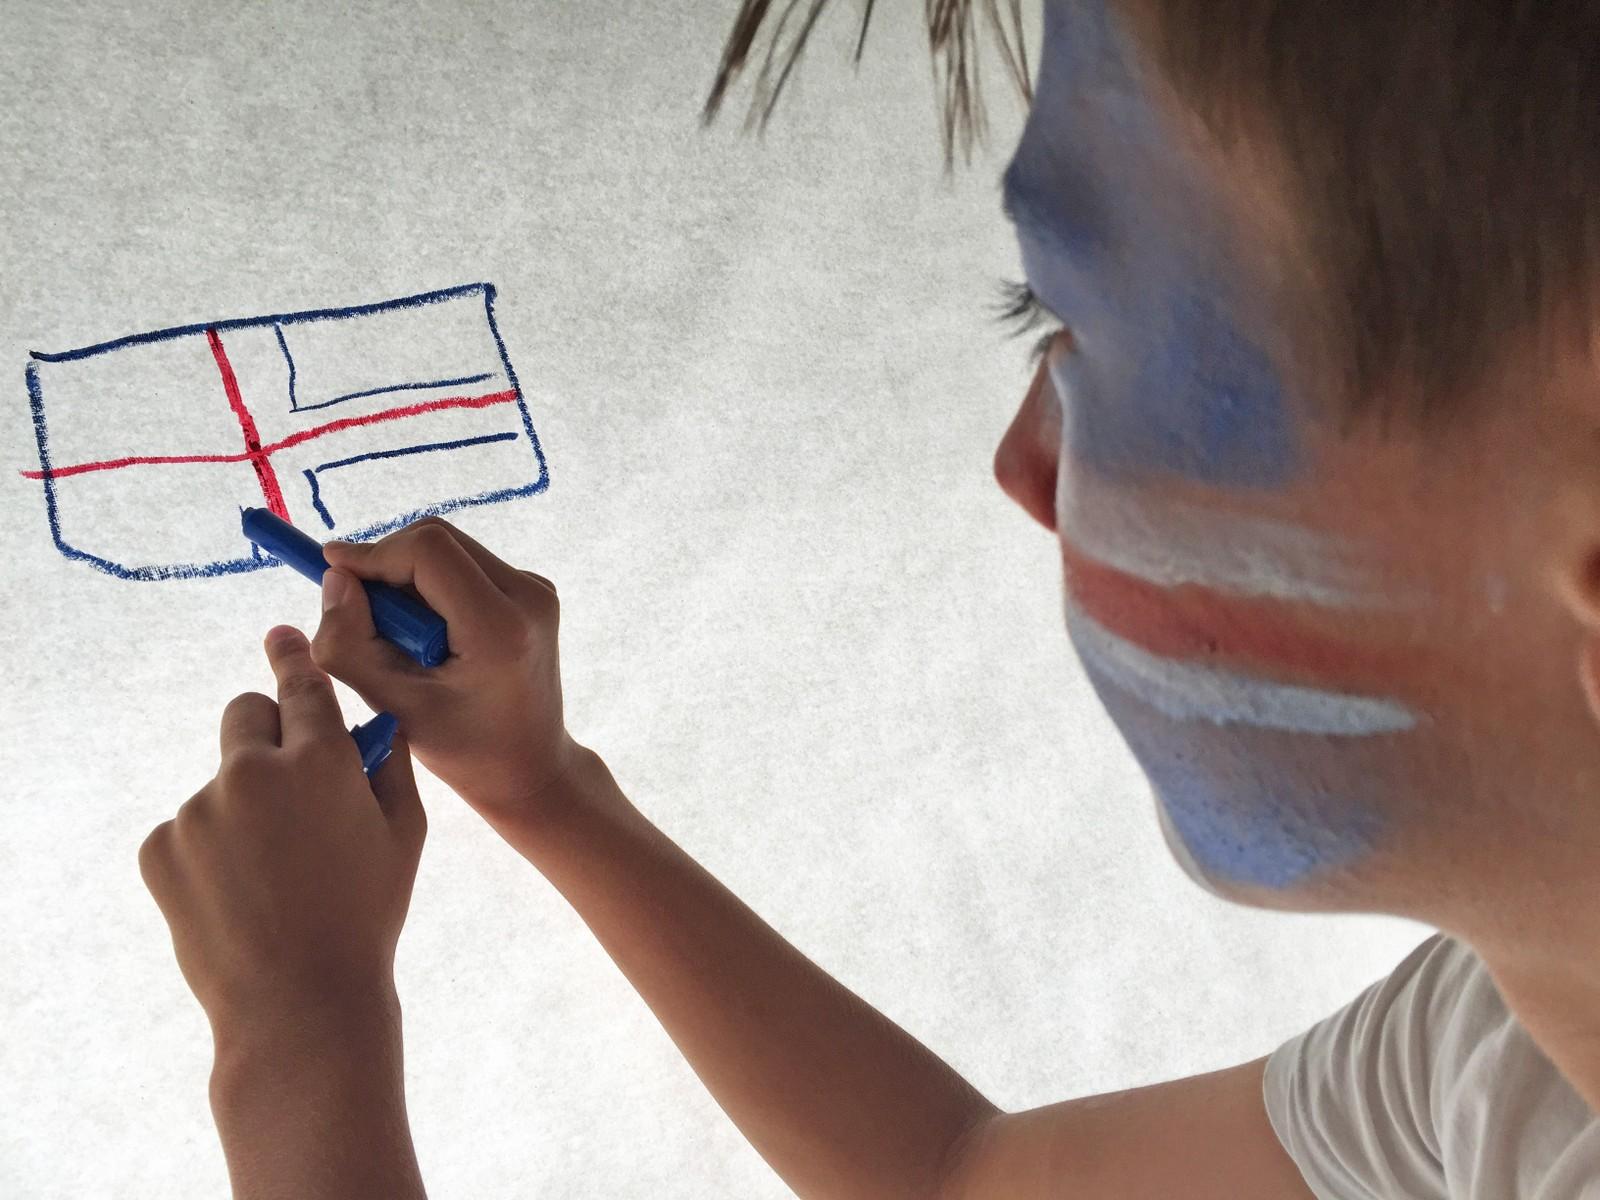 Simon Georg Harberg Sele gjør klar supportereffektene før EM-møtet mellom Island og Frankrike.